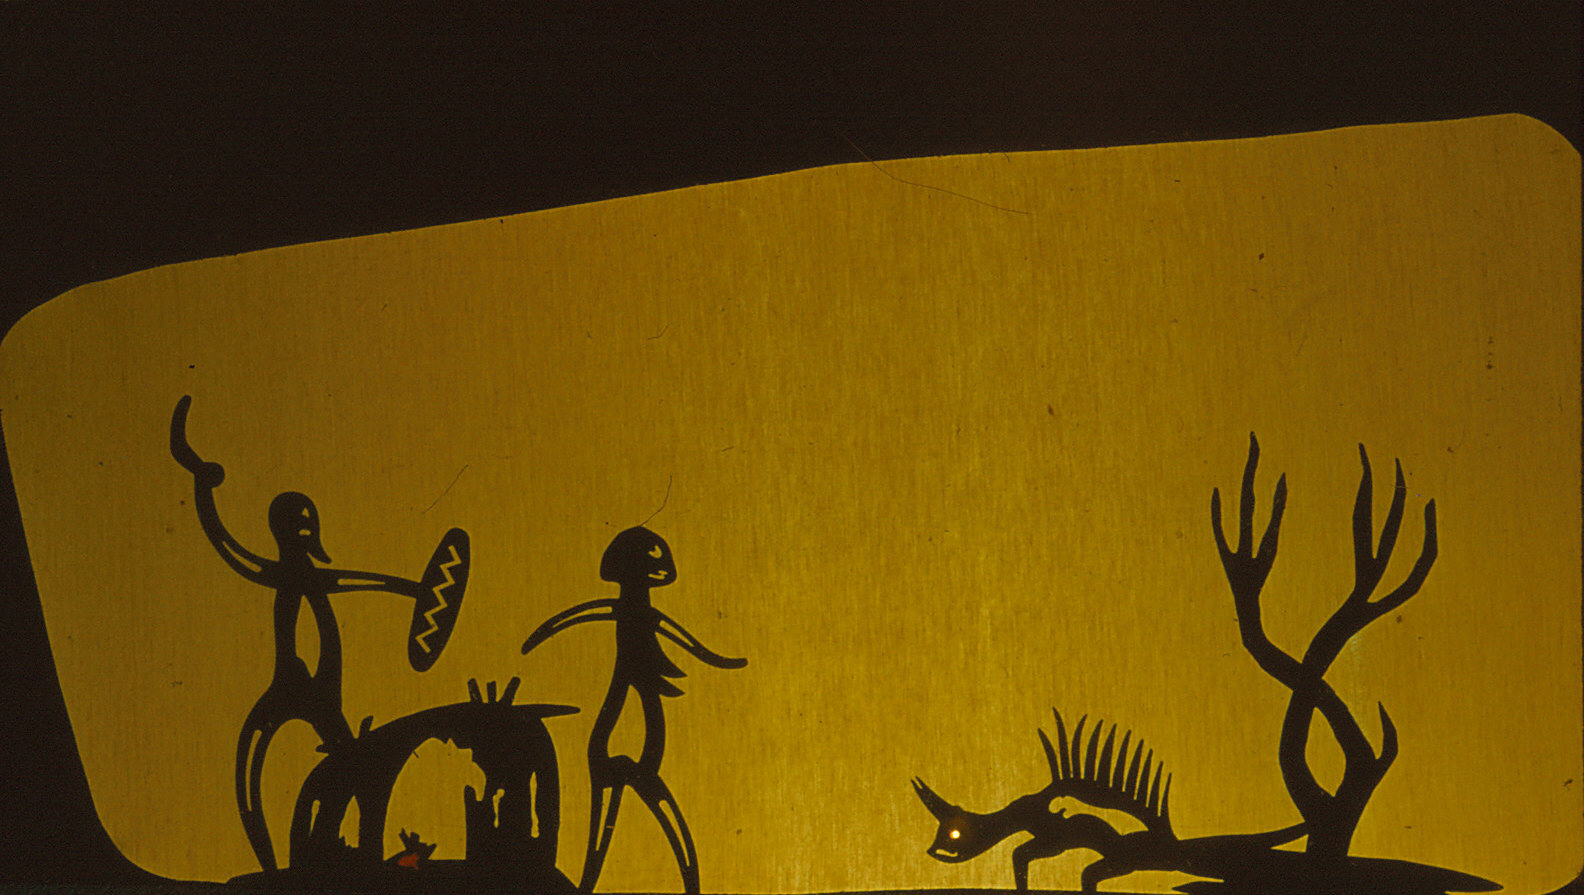 W. D. Ni<em>c</em>ol (1907-1978), enseignant australien et marionnettiste amateur qui a aidé à fonder une guilde de marionnettes à Melbourne en 1942, ave<em>c</em> des marionnettes d'ombres pour How The Moon was Made (vers les années 1950). Photo réproduite avec l'aimable autorisation de Margaret Wallace